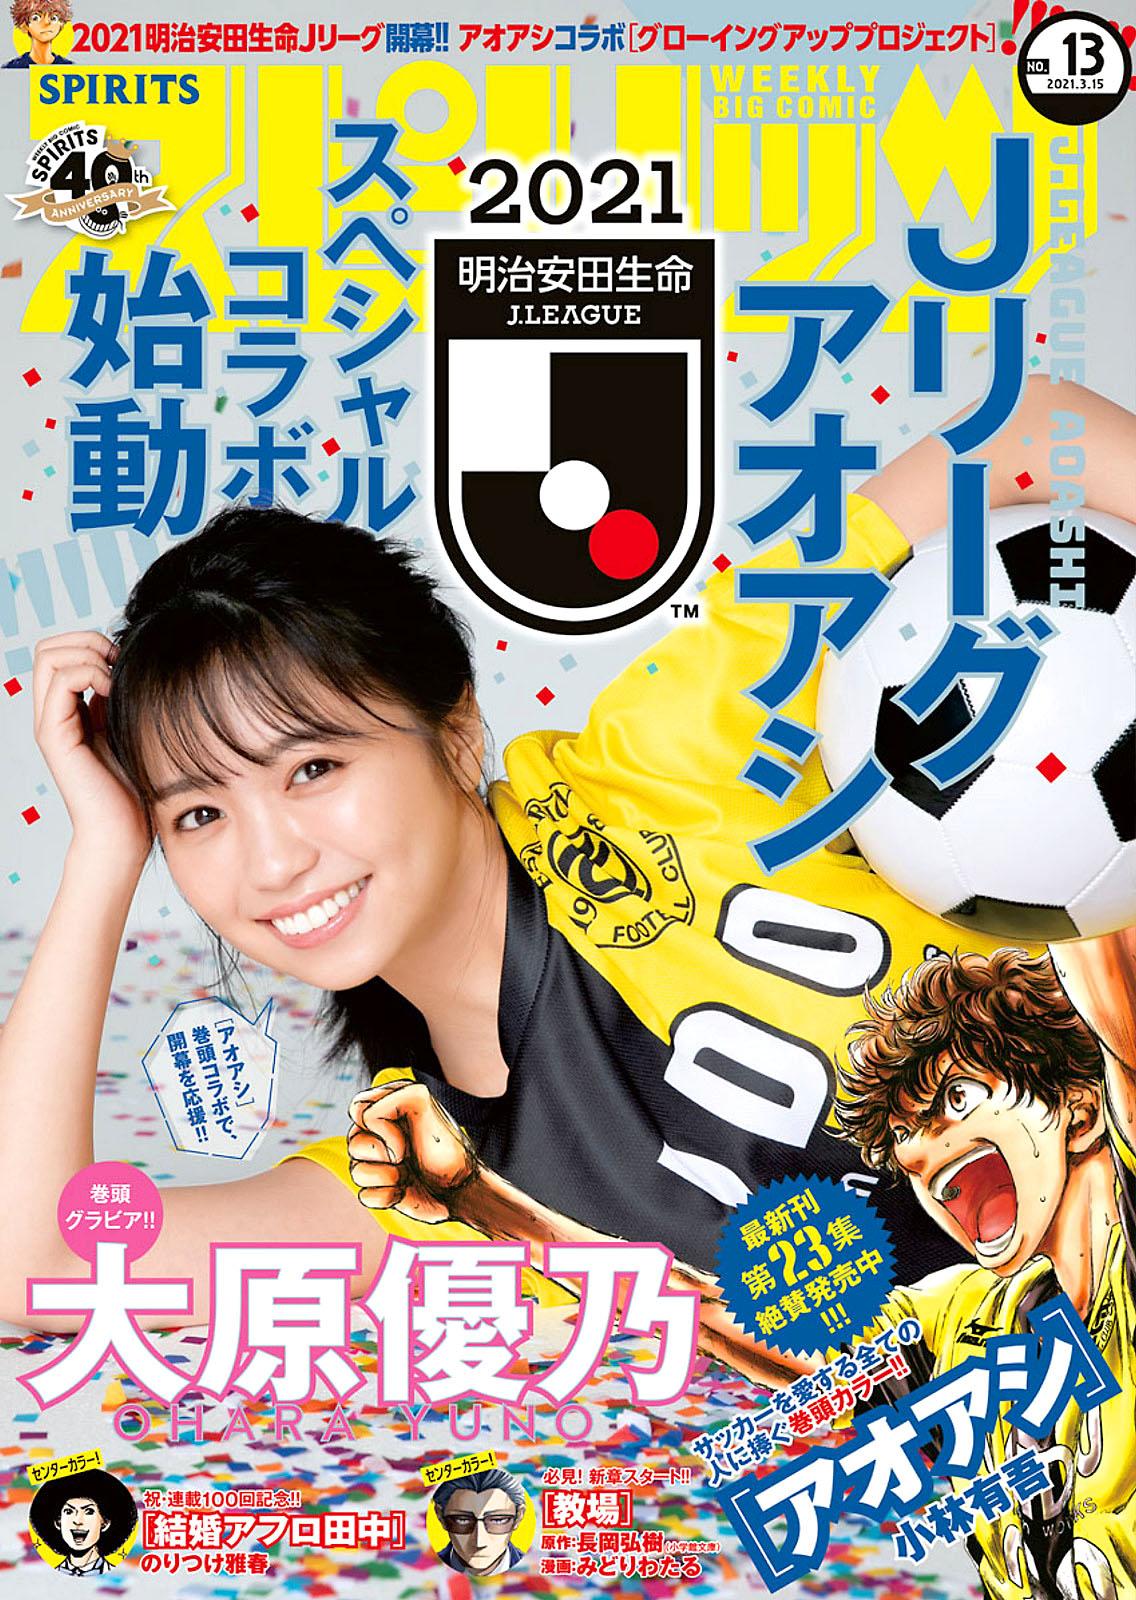 YOhara Big Comic Spirits 210315 01.jpg